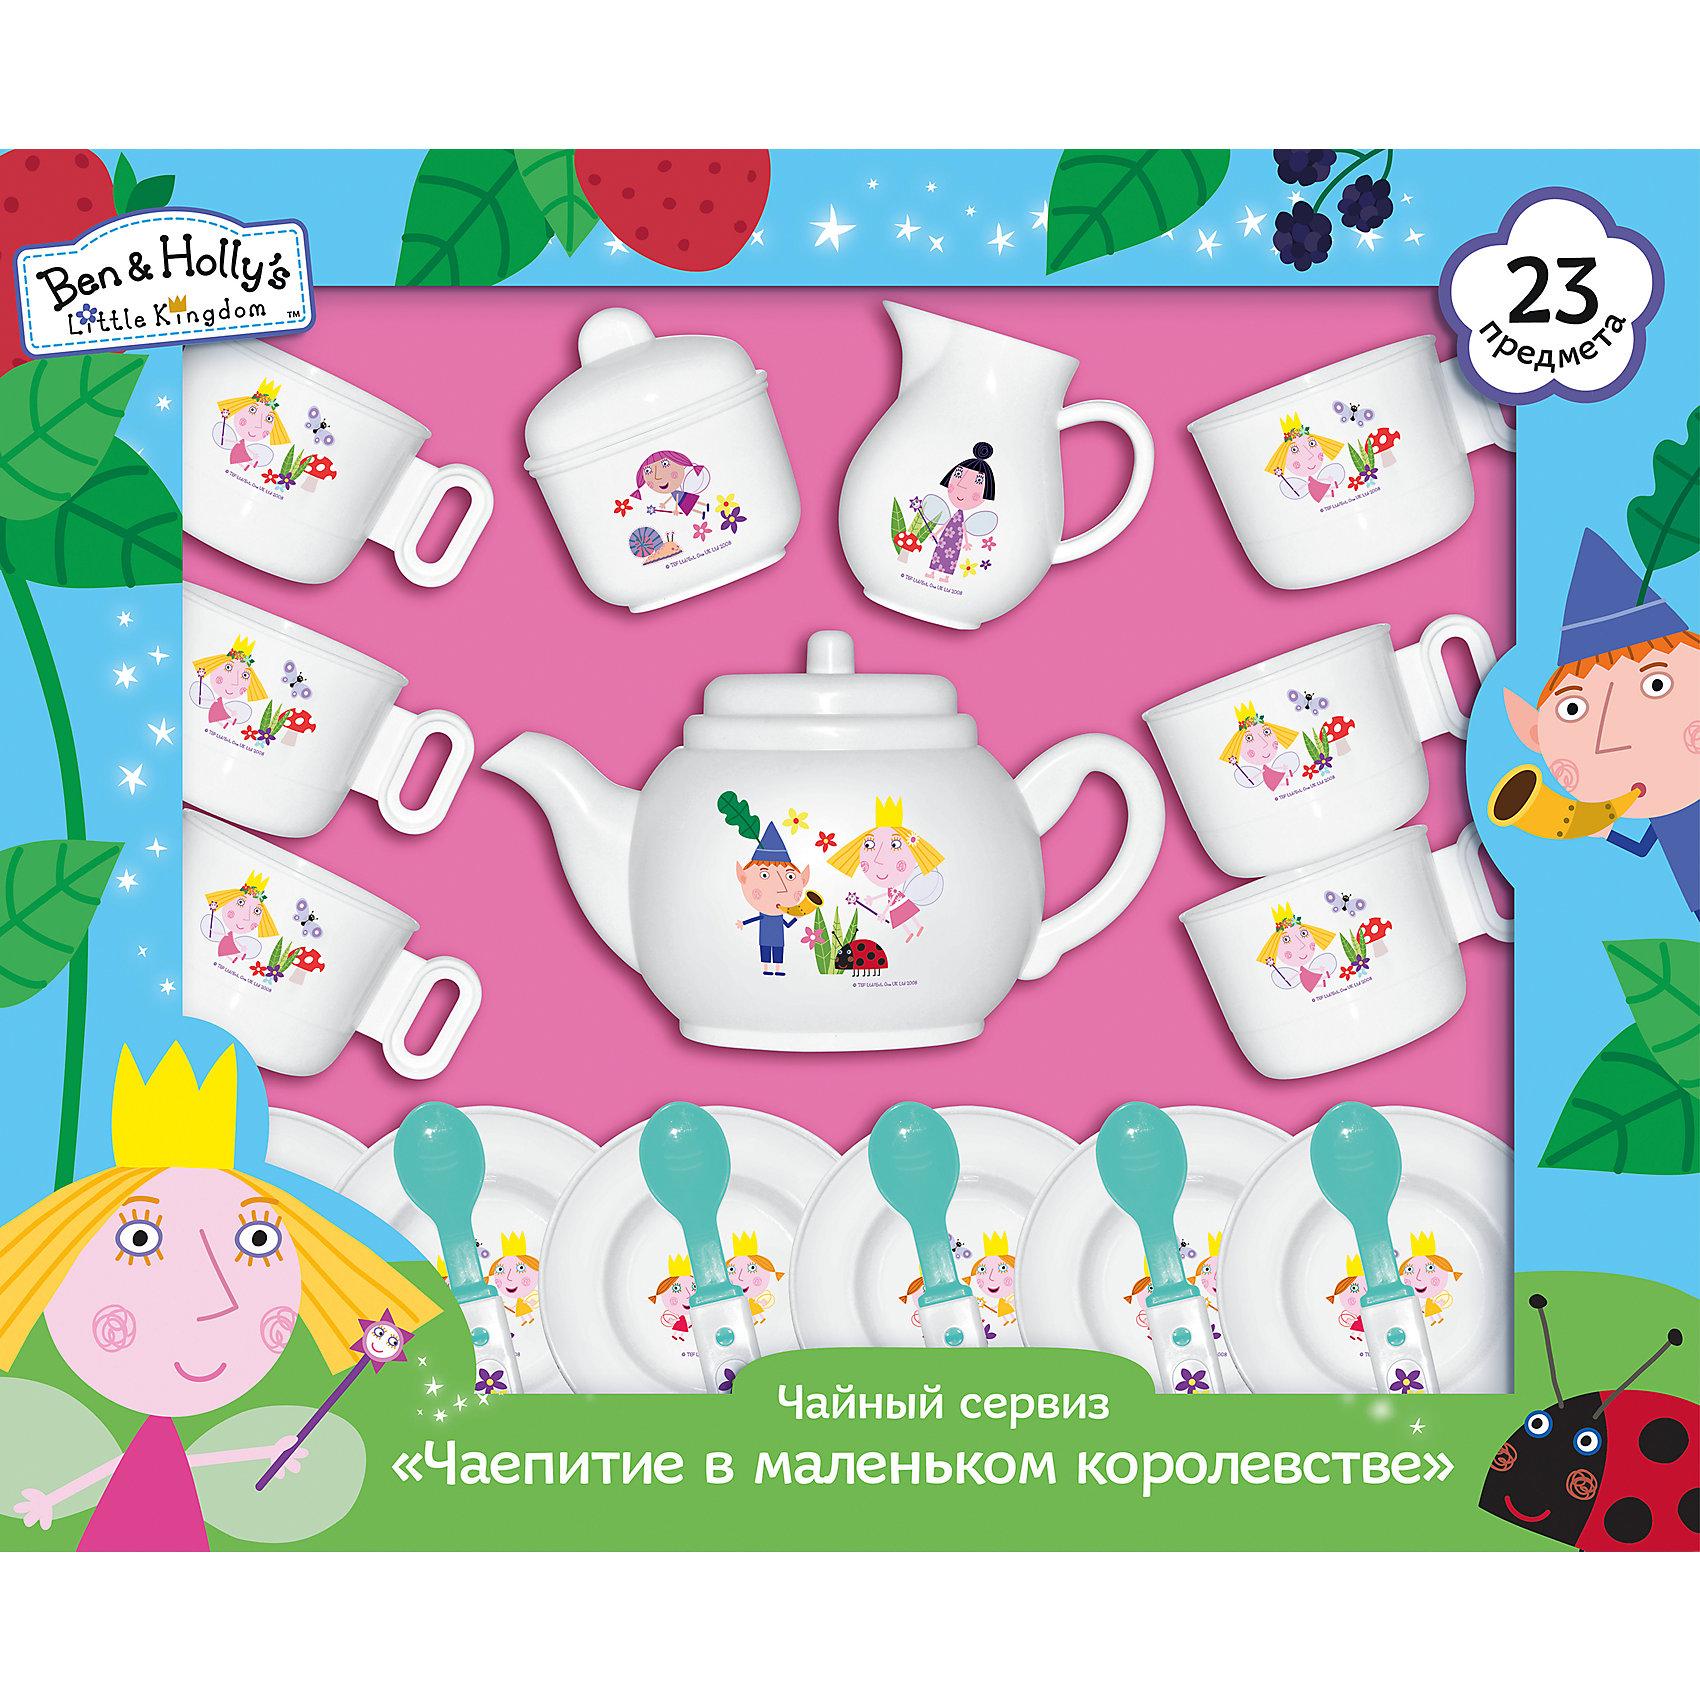 Набор Чаепитие в маленьком королевстве, Бен и Холли, 23 предметаПосуда и аксессуары для детской кухни<br>Характеристики товара:<br><br>• материал: пластик<br>• комплектация: 23 предмета - 6 чашек, 6 тарелок, 6 чайных ложек, чайник с крышкой, молочник, сахарница с крышкой<br>• вес: 500 г<br>• размер упаковки: 40х33х9 см<br>• хорошая детализация<br>• предметы декорированы изображениями героев мультфильма<br>• упаковка: подарочная коробка<br>• возраст: от 3 лет<br>• страна производства: Китай<br><br>Такой набор станет отличным подарком для маленького любителя мультфильма «Маленькое королевство Бена и Холли». Он отлично проработан, в наборе есть все необходимые предметы для полноценного чаепития: чашки, ложки и т.д.<br><br>Игры с такими наборами - это не только весело, они помогают развить у ребенка воображение, творческое мышление и мелкую моторику. Игрушки выполнены из высококачественного пластика белого цвета с перламутром и декорированы изображениями героев мультфильма. <br><br>Набор Чаепитие в маленьком королевстве, Бен и Холли, 23 предмета, от бренда Росмэн можно купить в нашем интернет-магазине.<br><br>Ширина мм: 400<br>Глубина мм: 330<br>Высота мм: 85<br>Вес г: 500<br>Возраст от месяцев: 36<br>Возраст до месяцев: 60<br>Пол: Унисекс<br>Возраст: Детский<br>SKU: 5471896